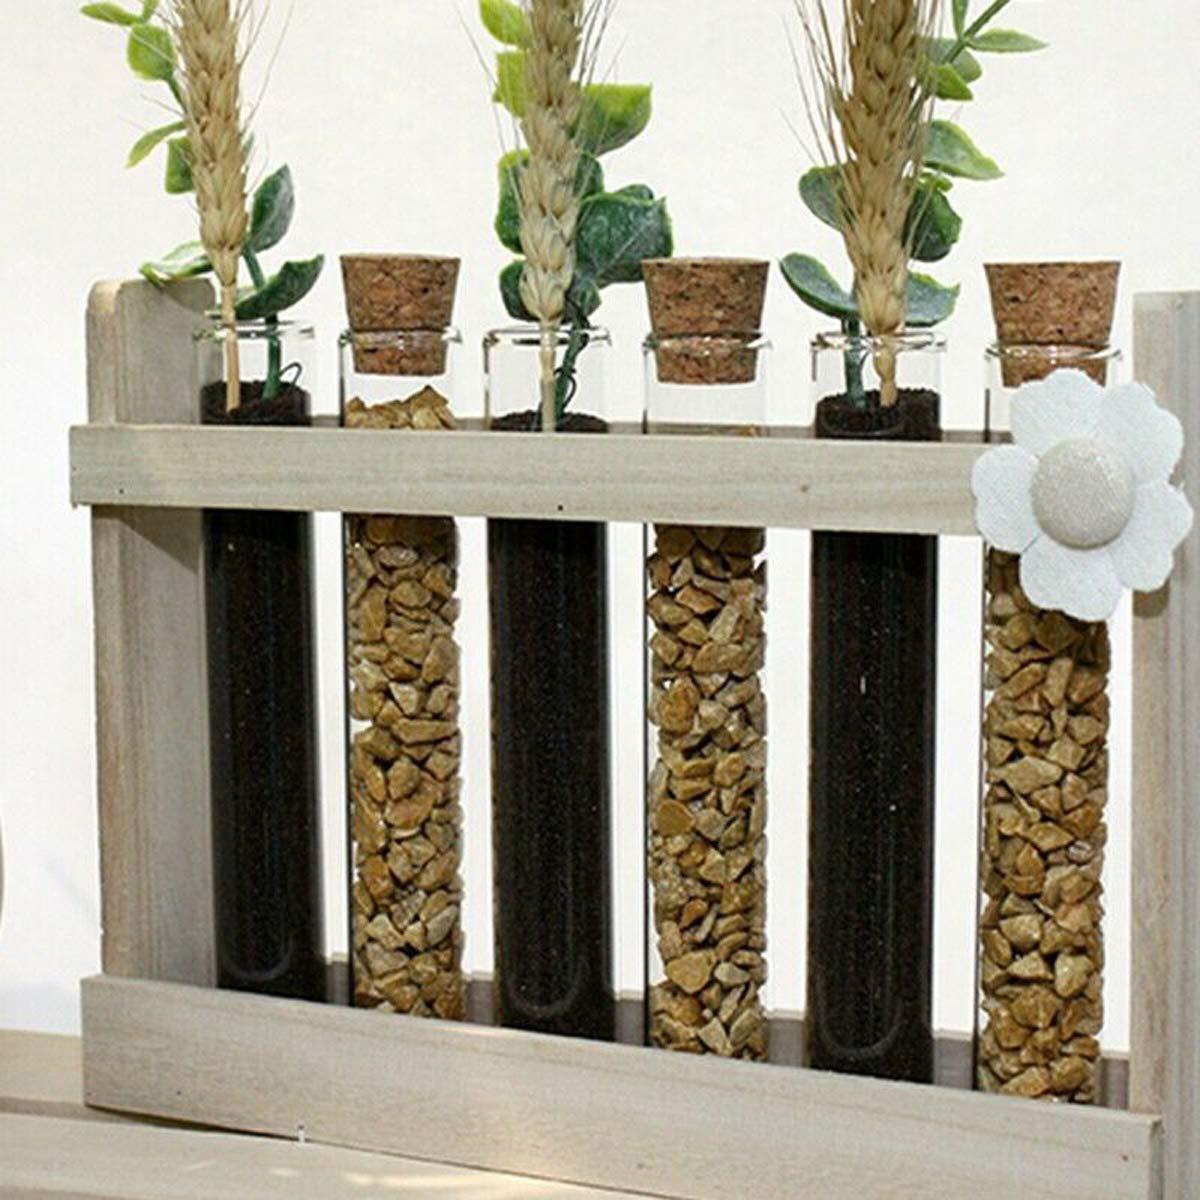 22 x 5 x 16 cm PEGANE Support Bois pour 6 Tube /à essai d/écoration